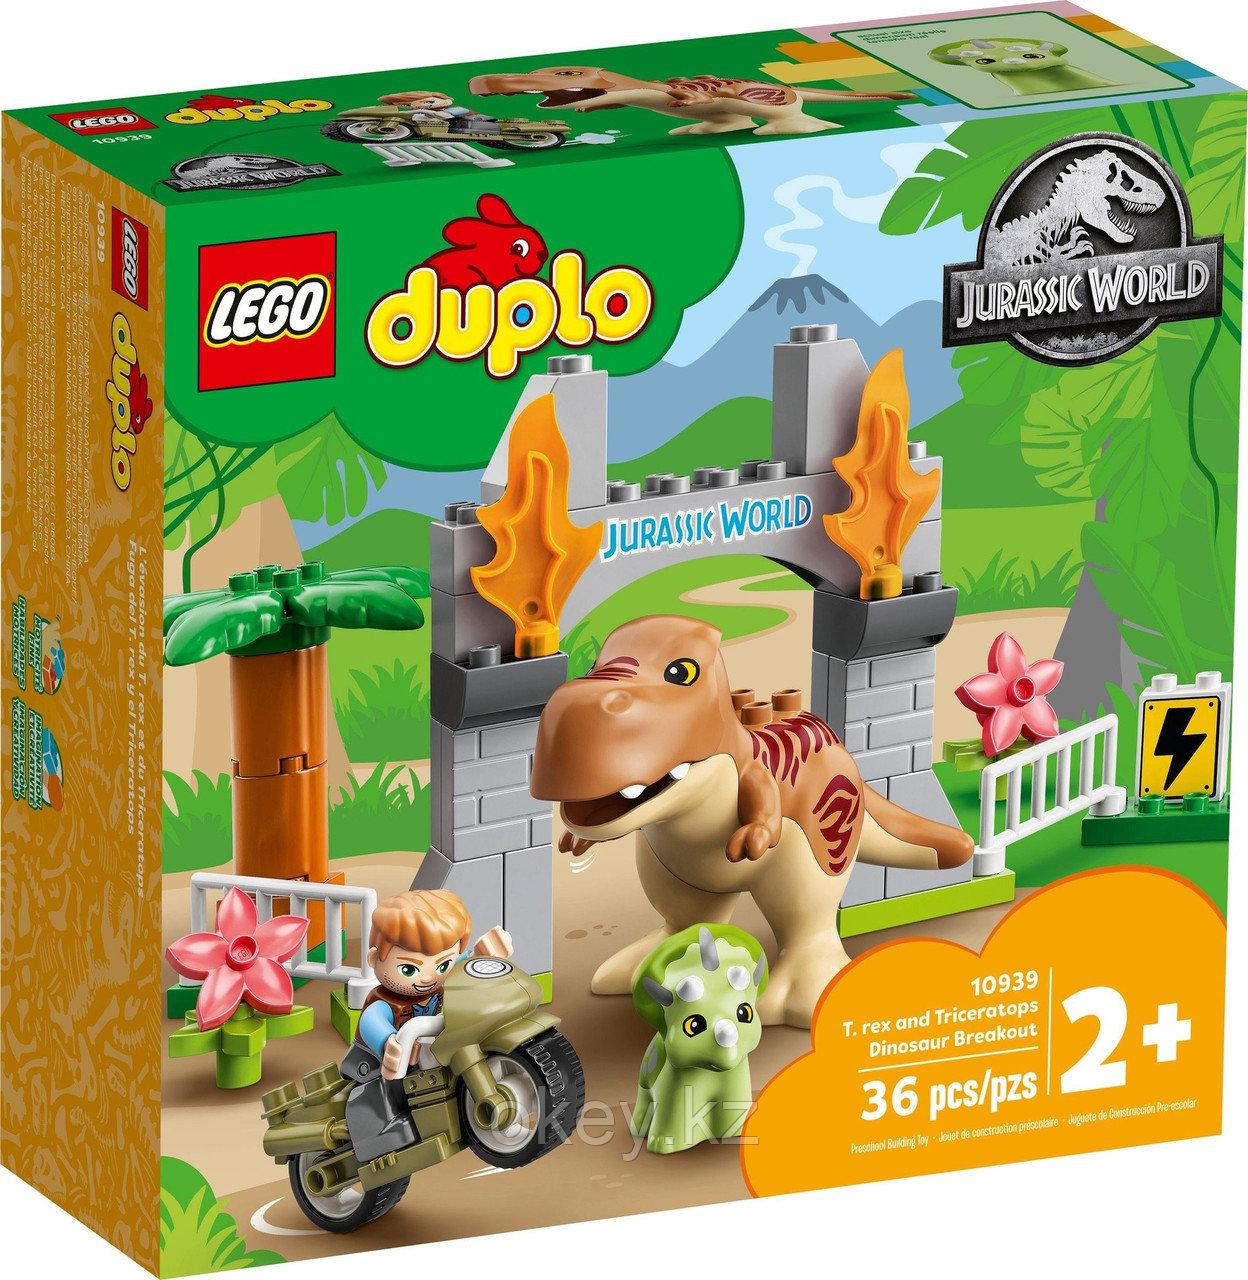 LEGO Duplo: Побег динозавров: тираннозавр и трицератопс 10939